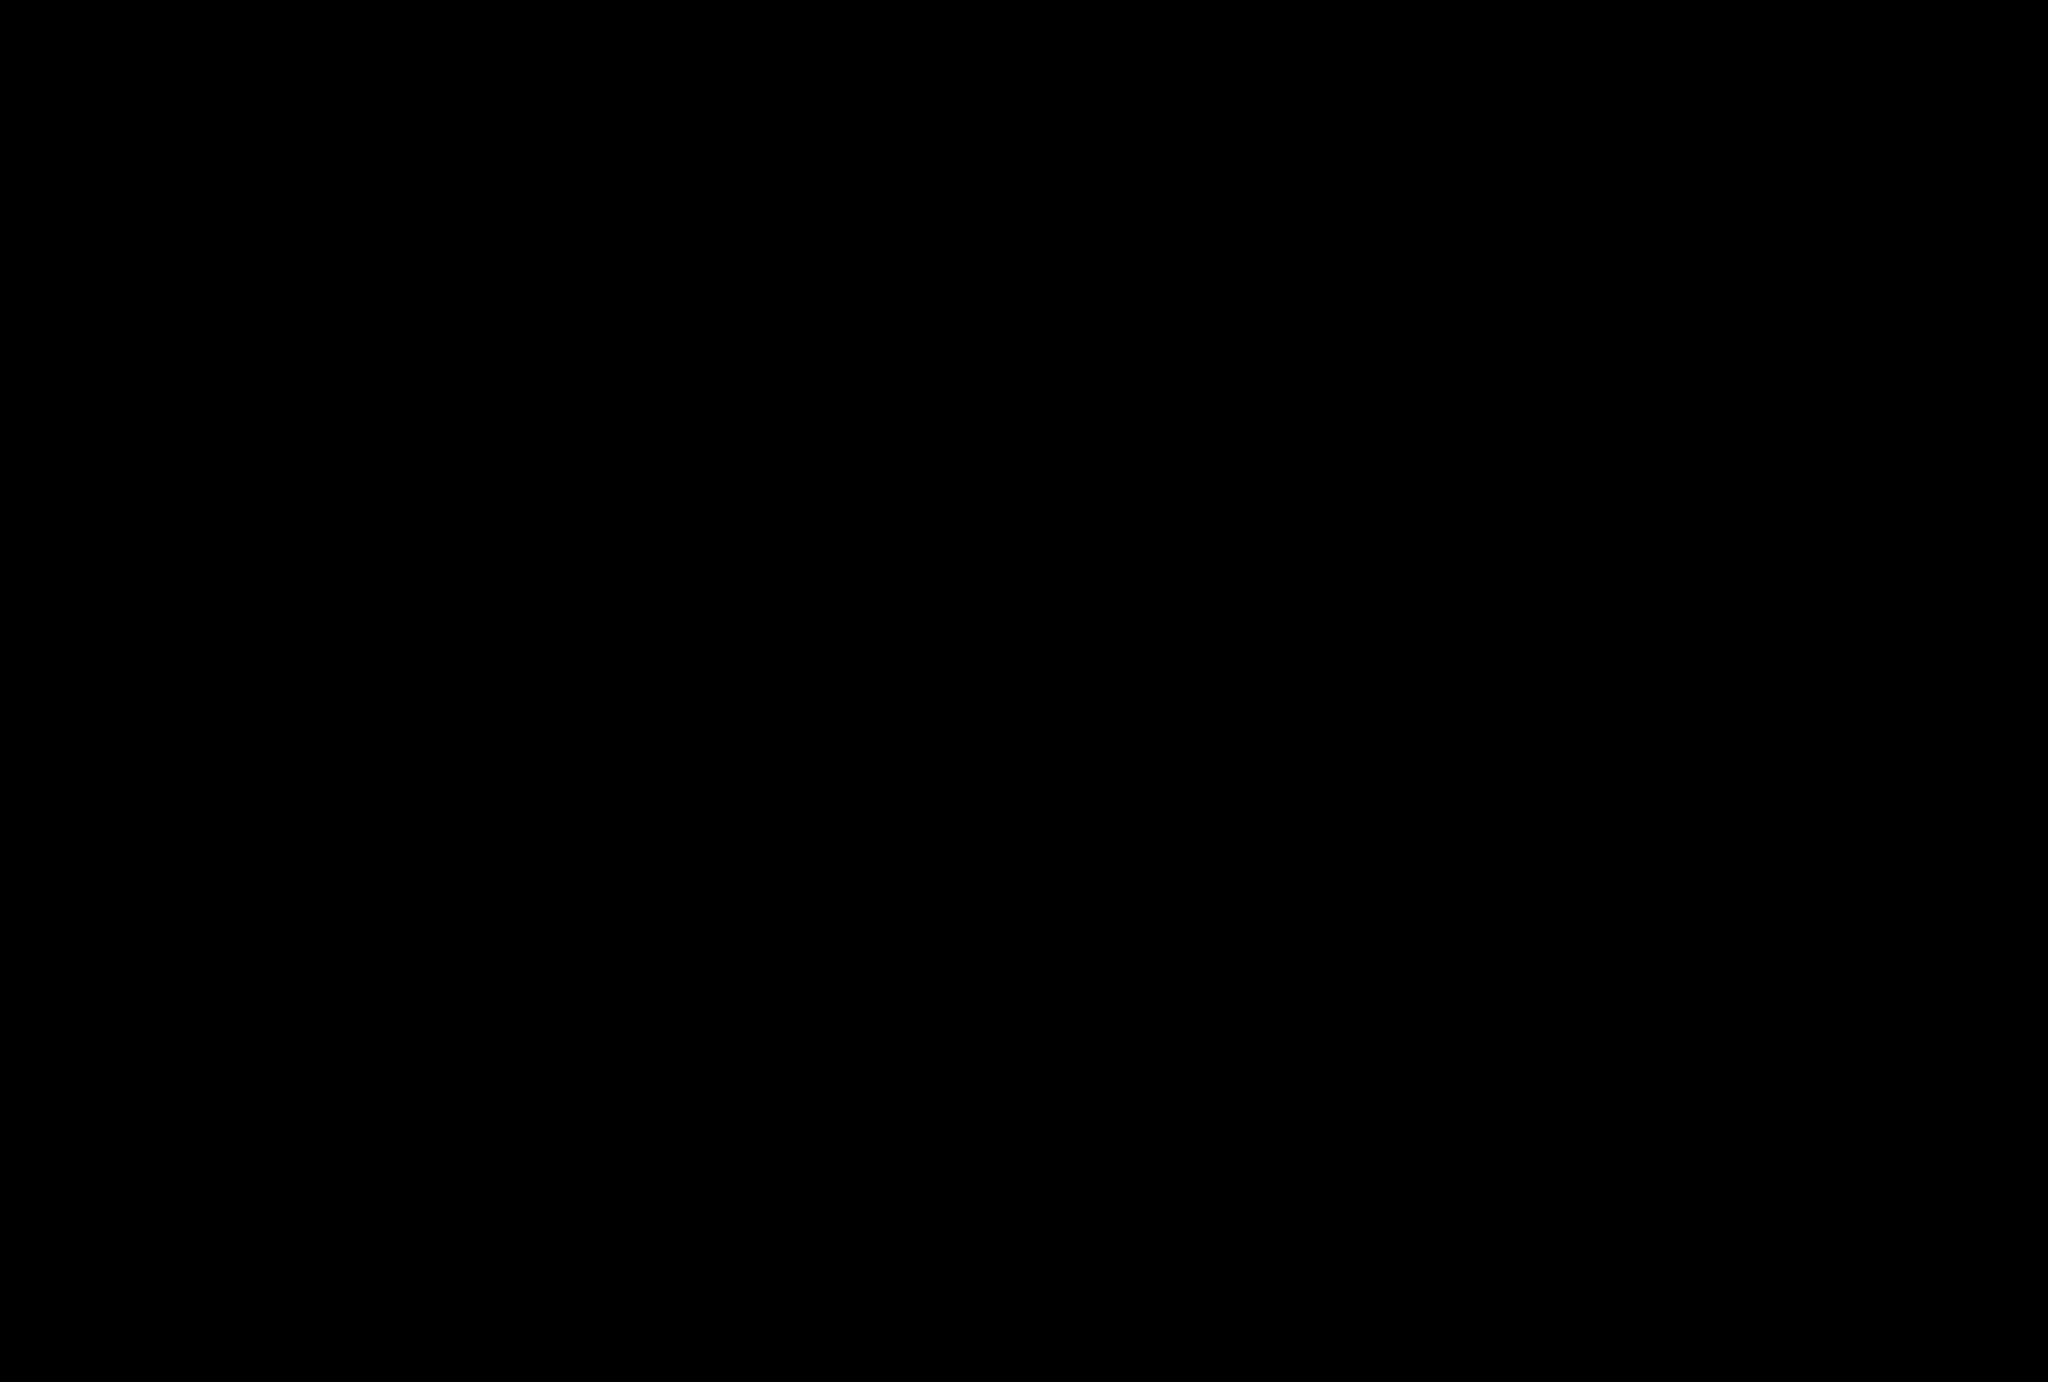 kuckuck-bier-logo-design